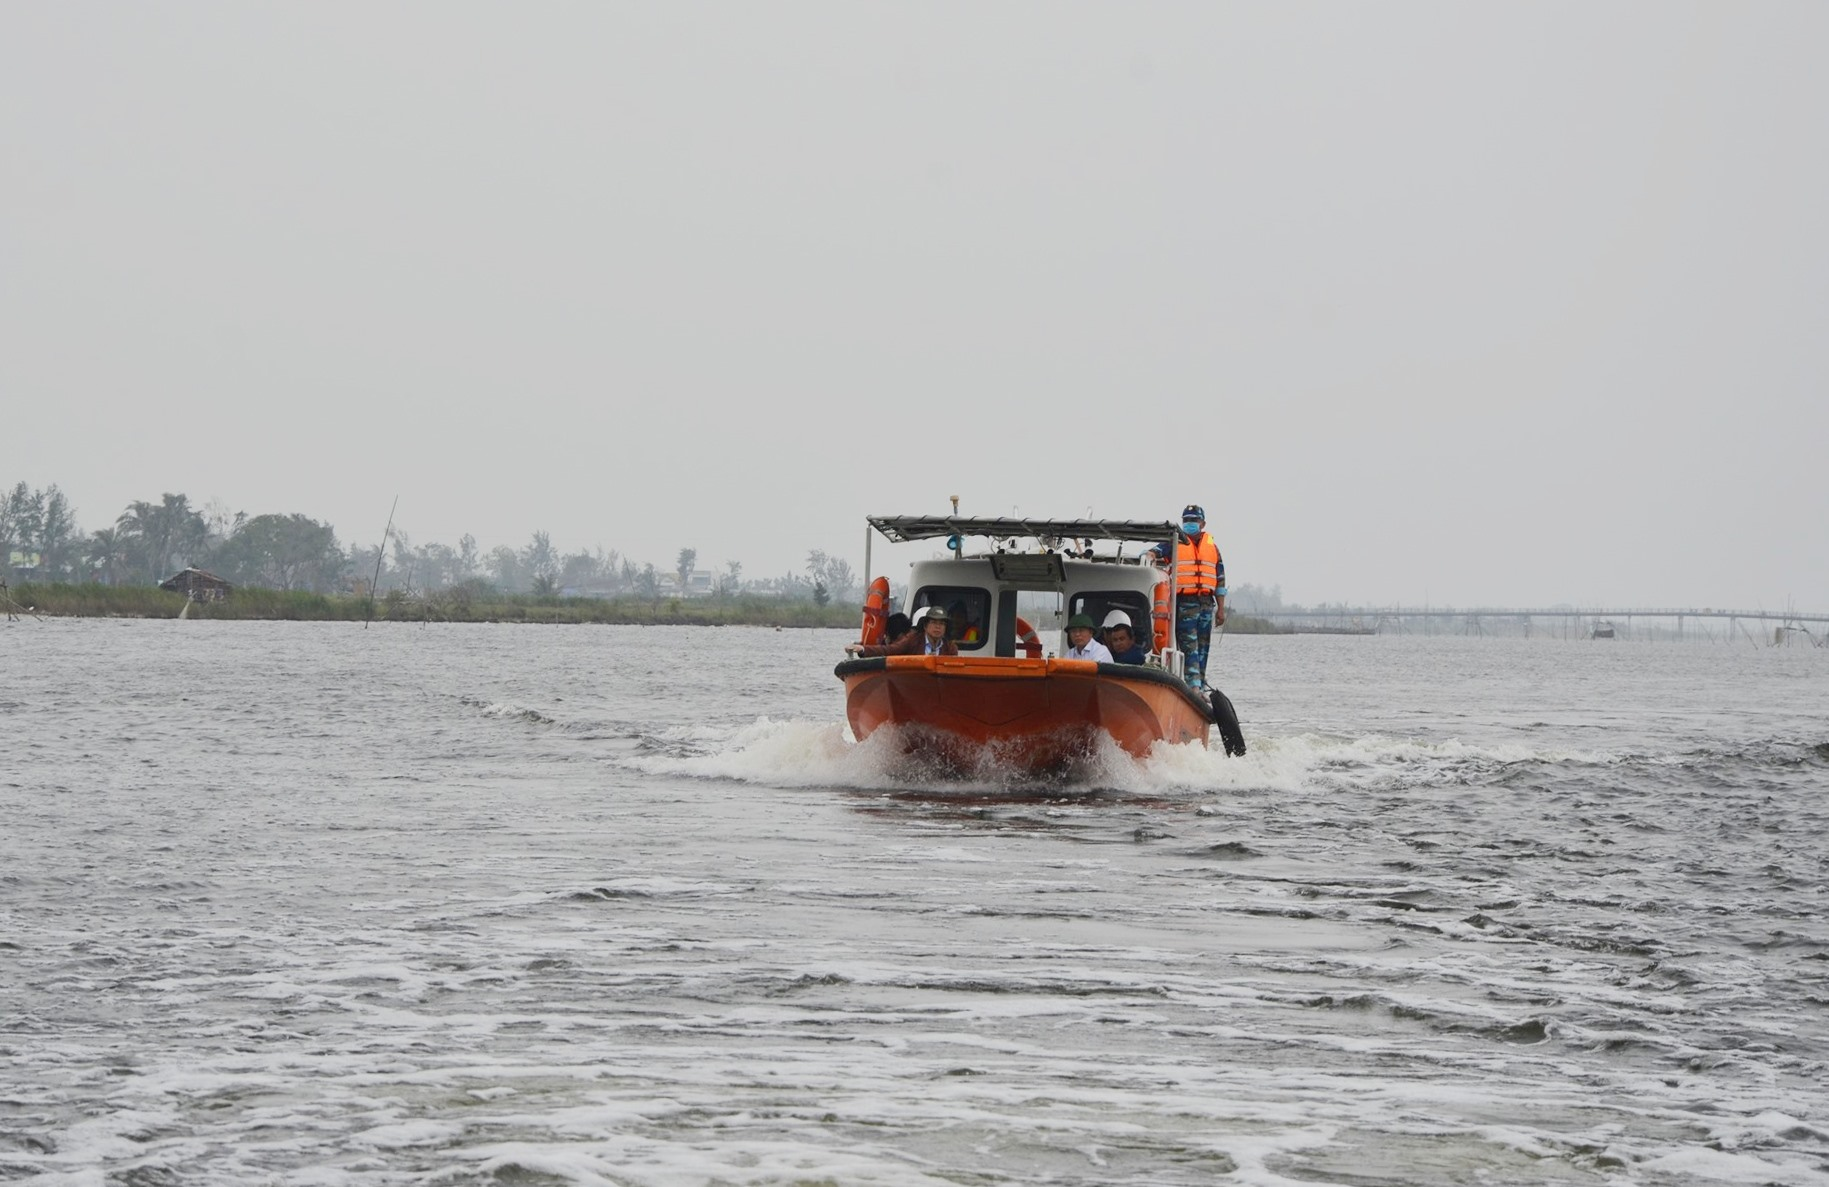 Sông Trường Giang đoạn qua xã Bình Nam (Thăng Bình). Ảnh: H.P